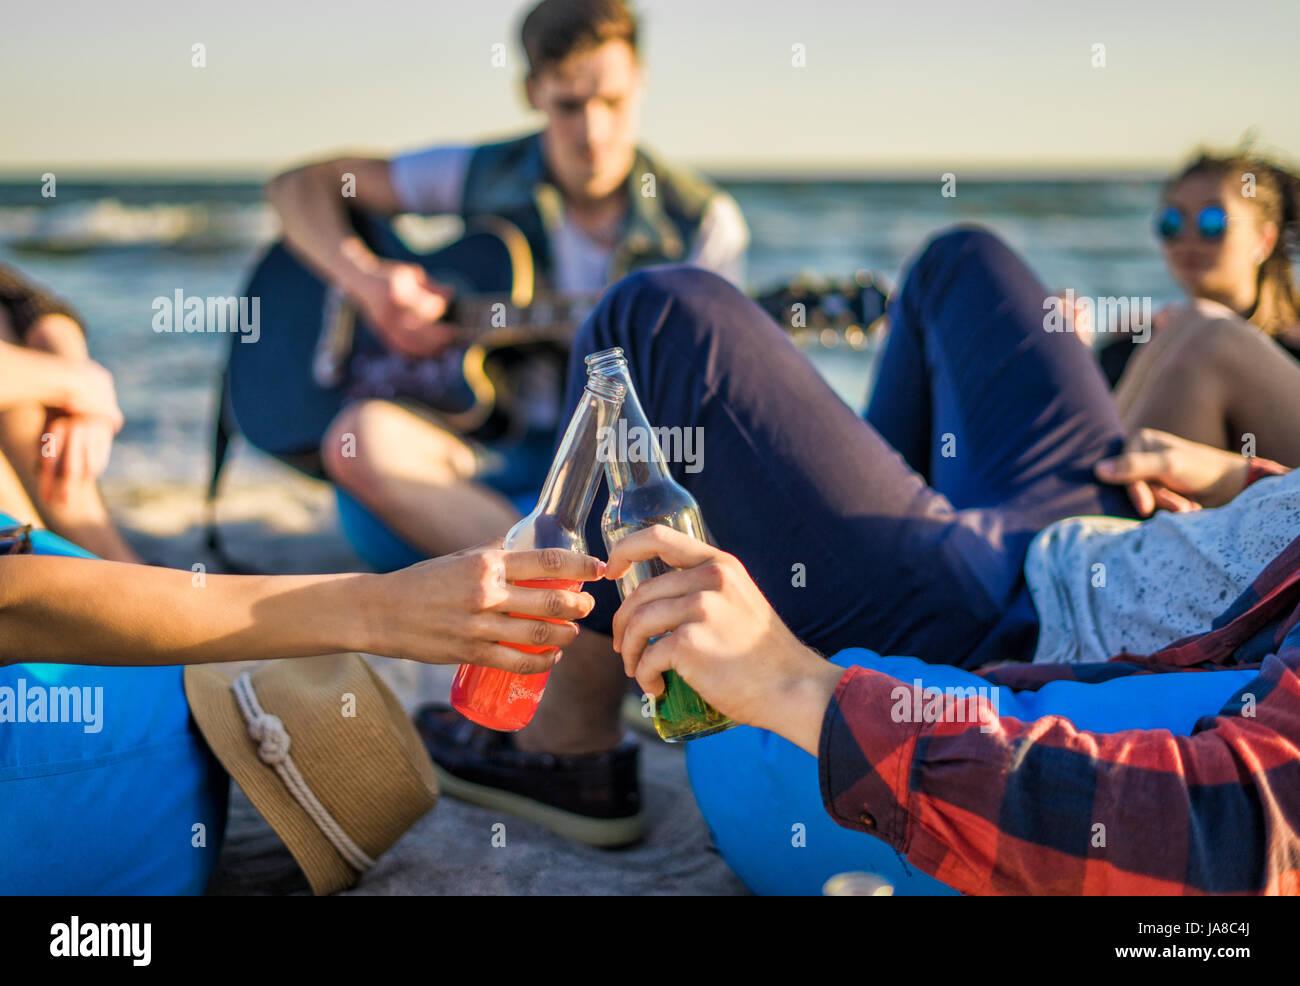 Vue rapprochée des mains clinking glasses bouteilles de bière sur la plage Photo Stock